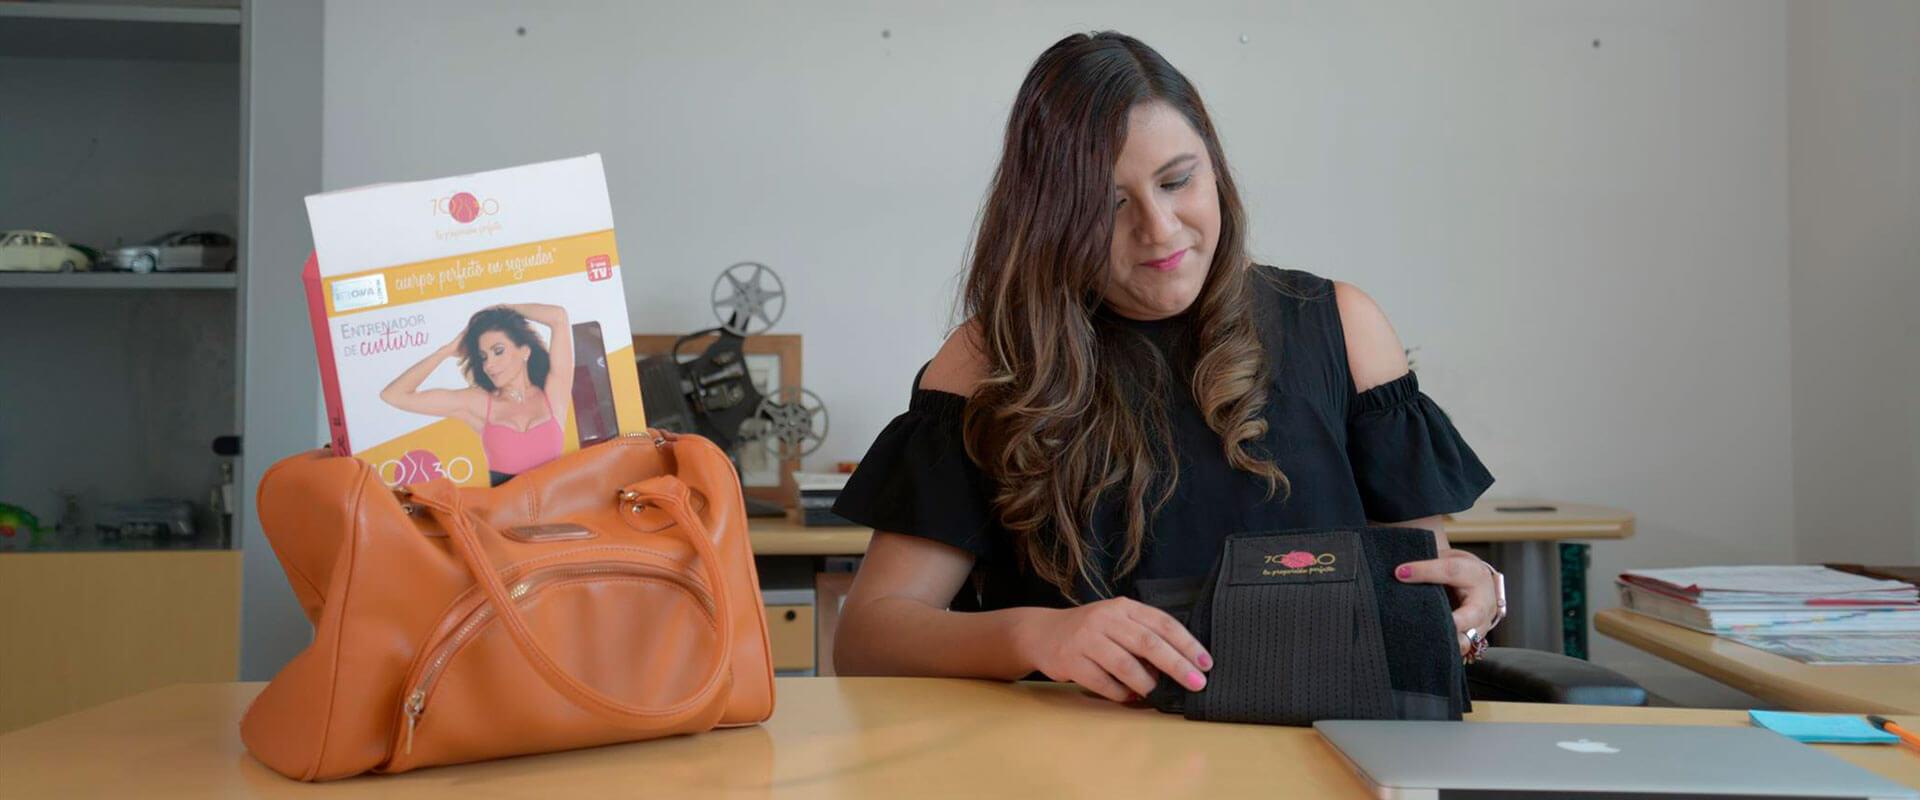 Mujer trabajando en su oficina con la Cinturilla 70-30.